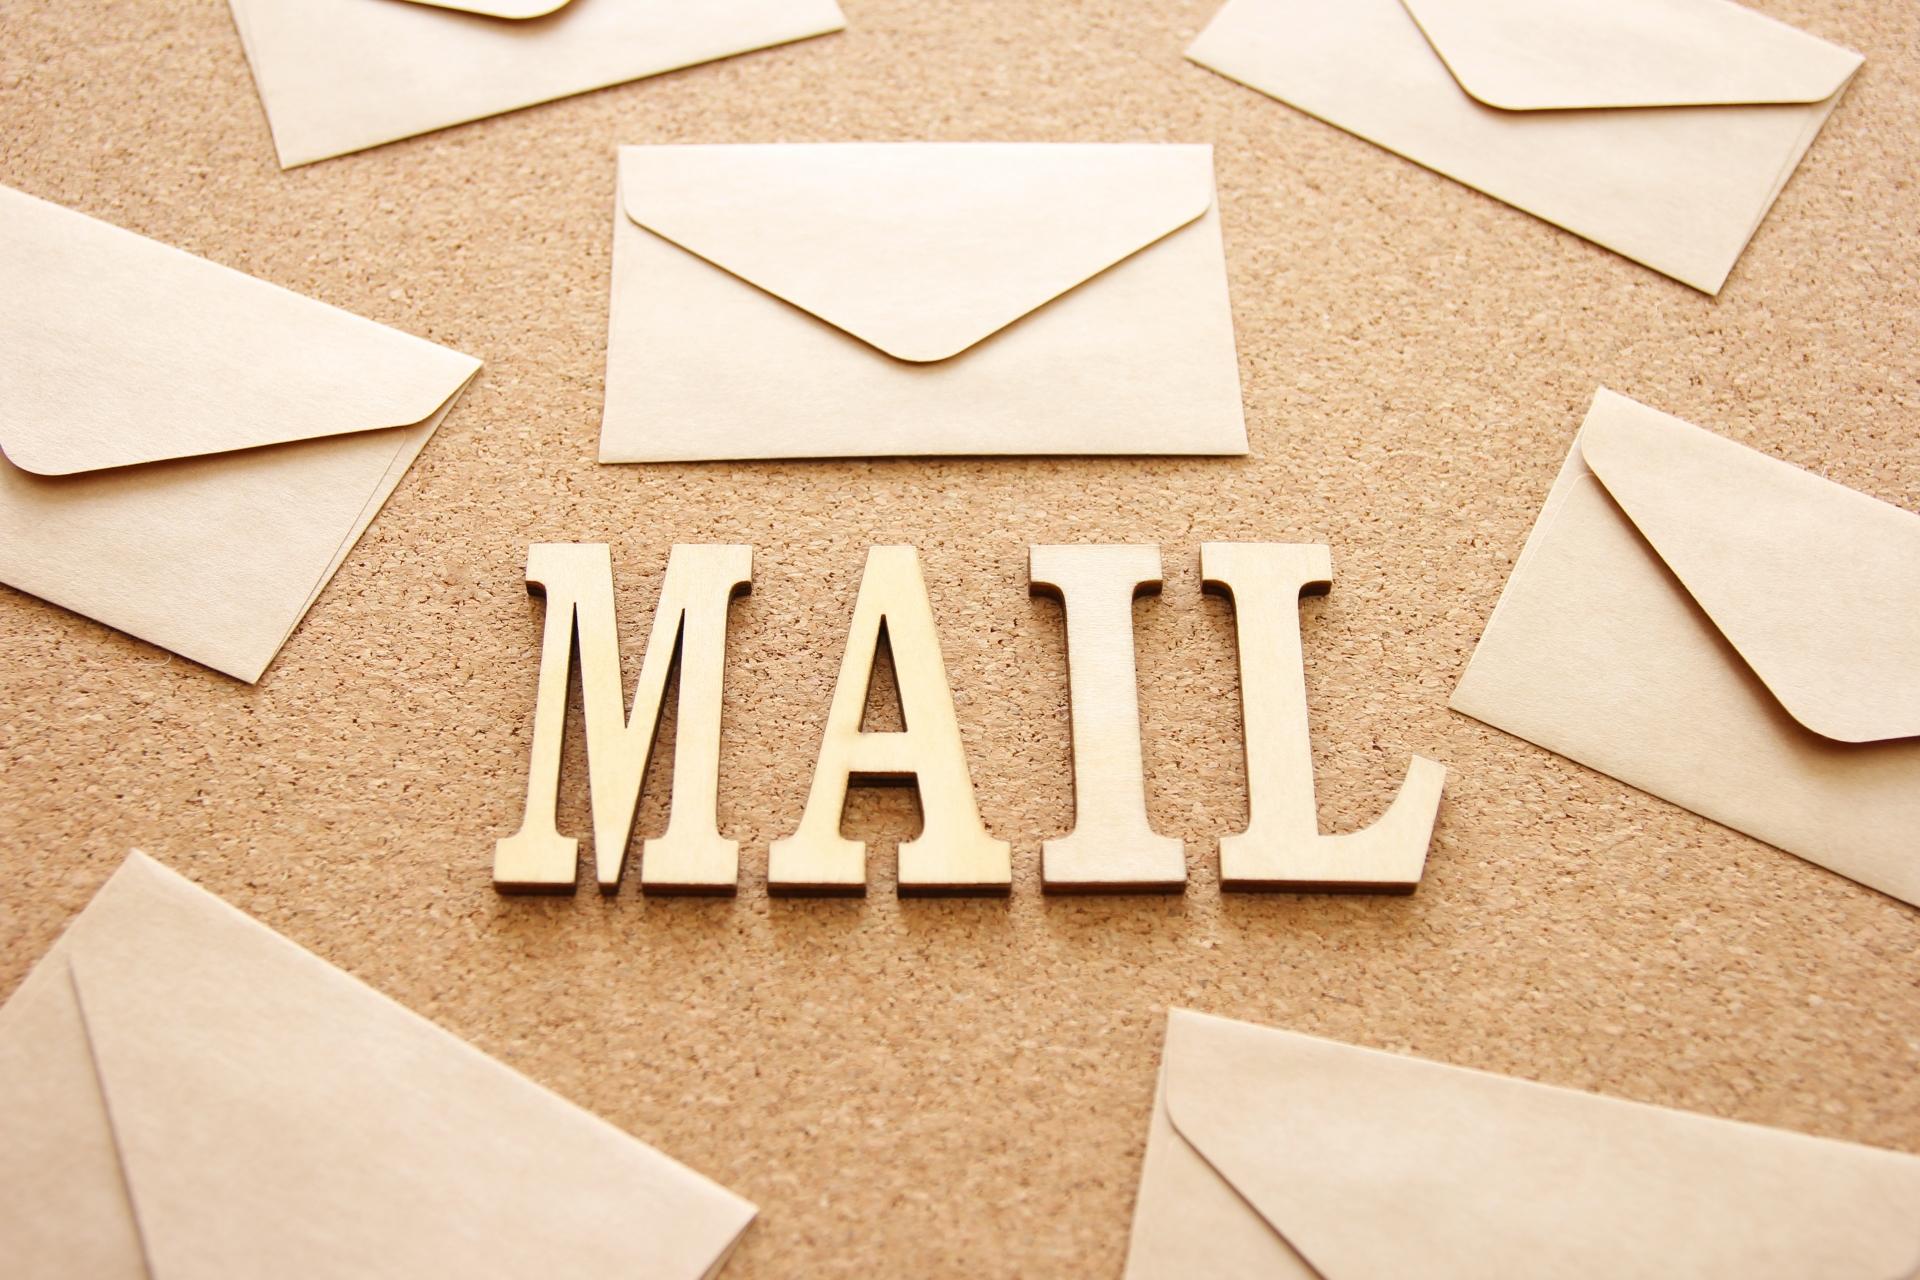 eメールタイプのamazonギフト券を換金する方法について